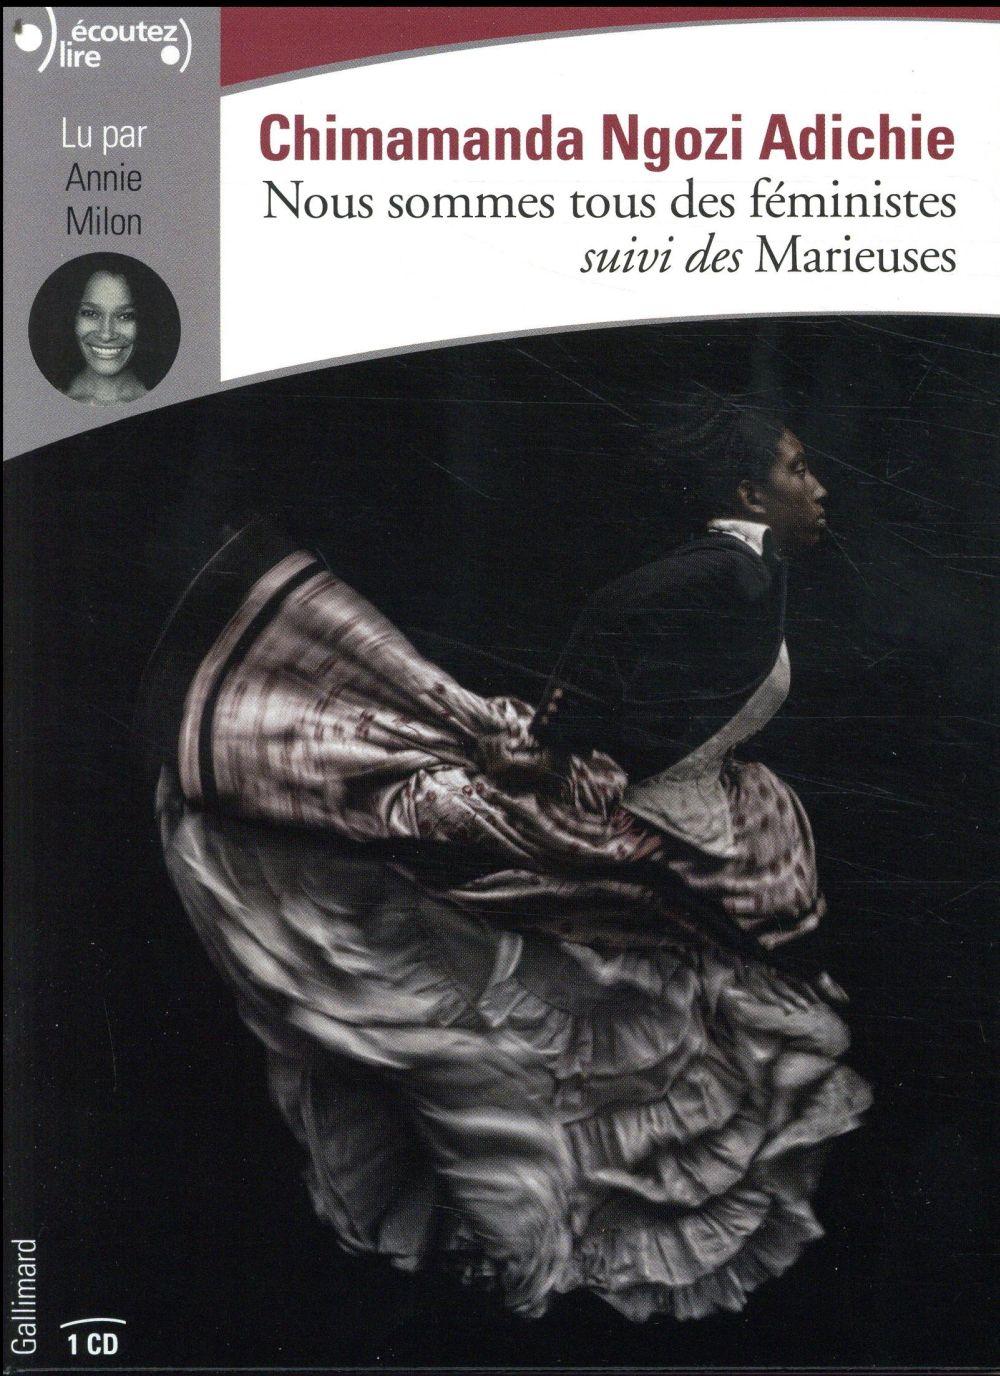 NOUS SOMMES TOUS DES FEMINISTESLES MARIEUSES